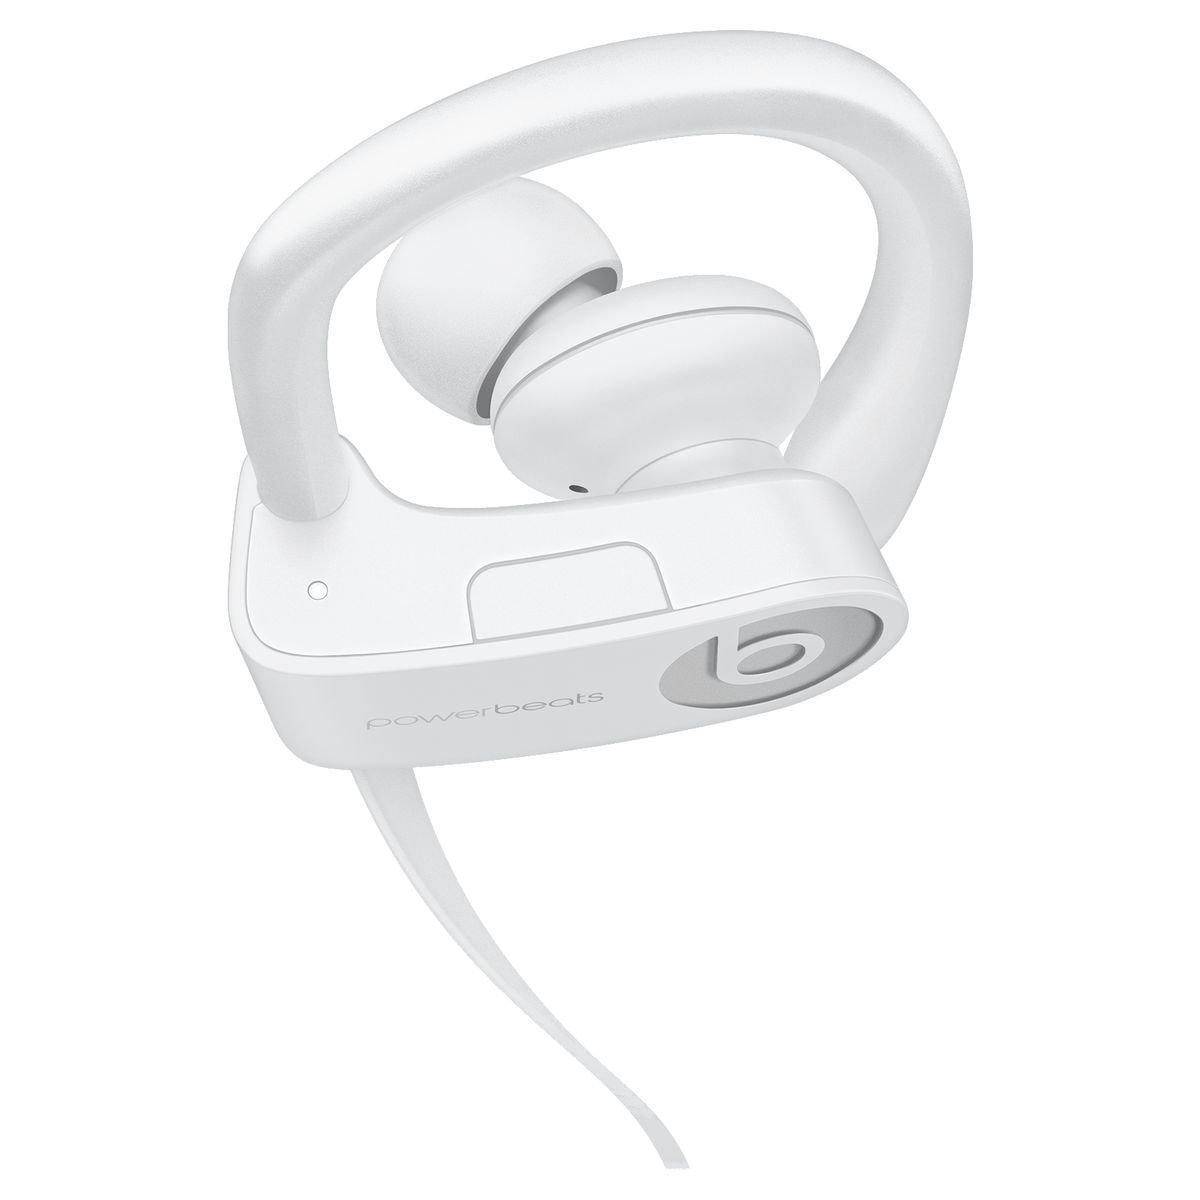 Beats ML8W2PA A Powerbeats3 In Ear Wireless Bluetooth Headphones White  5fe094fbbdfa